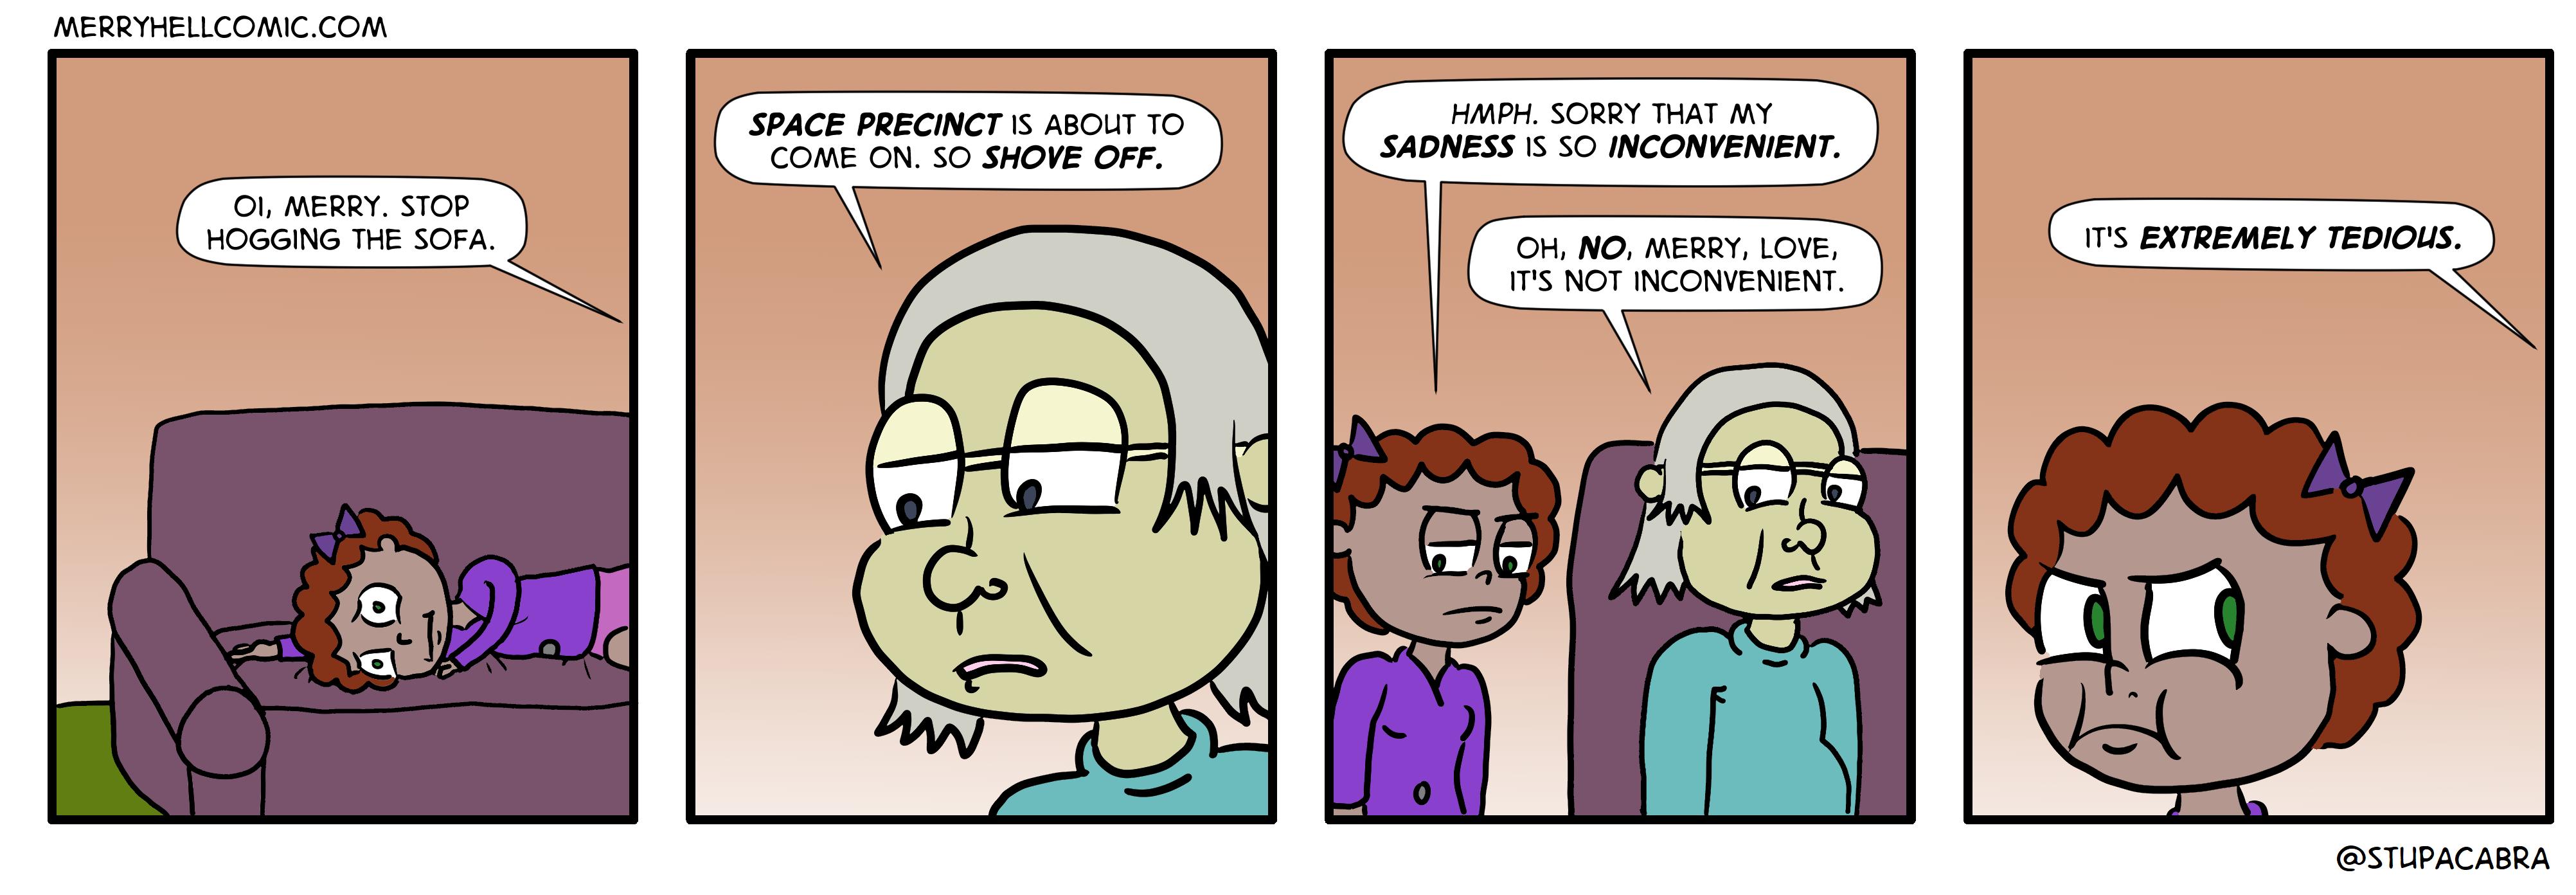 457. Inconvenient